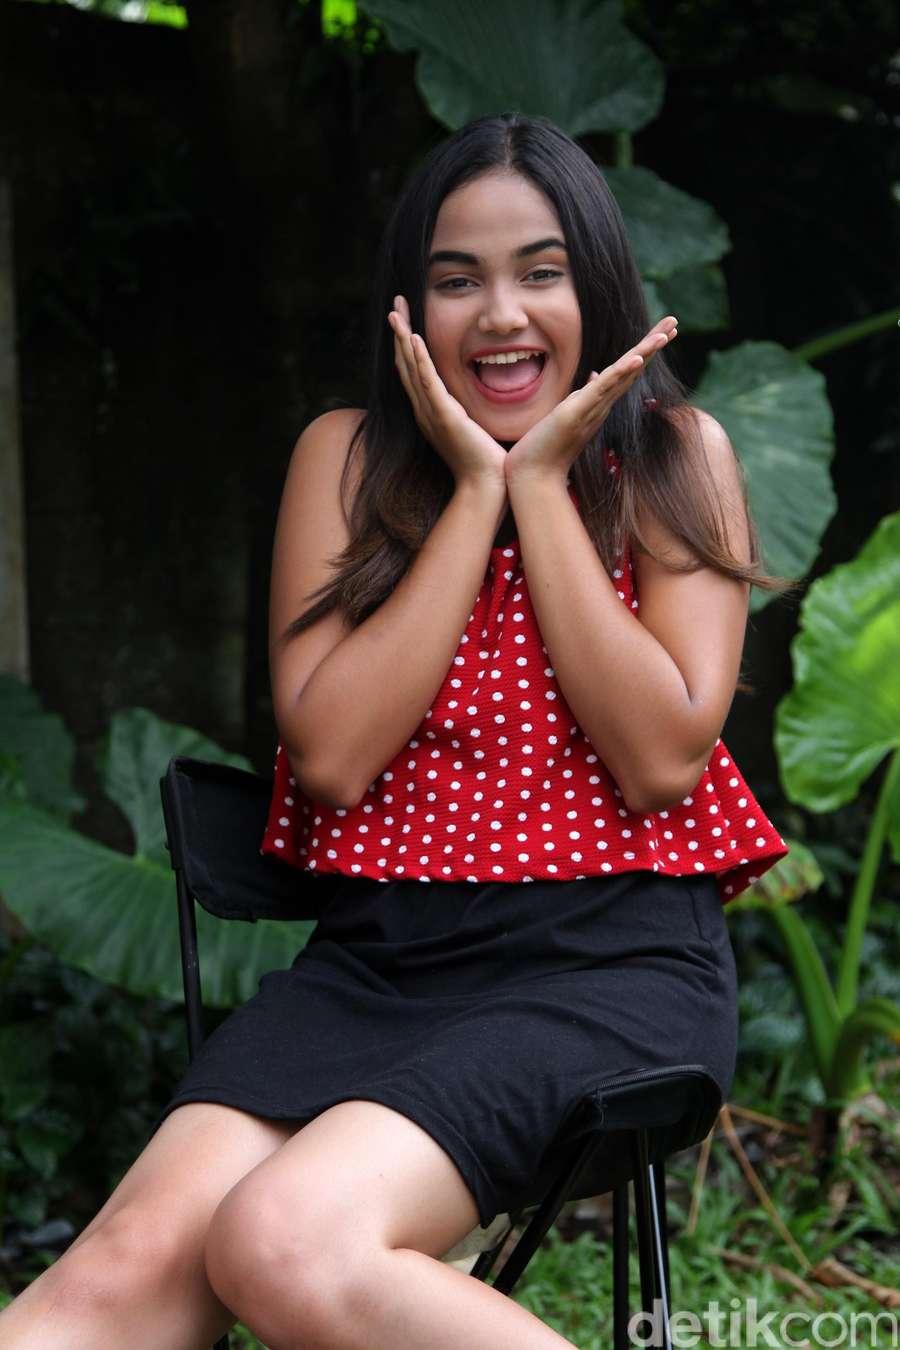 Cerita Mesum Cewek Sunda Yang Cantik | Blog Inter Aktif